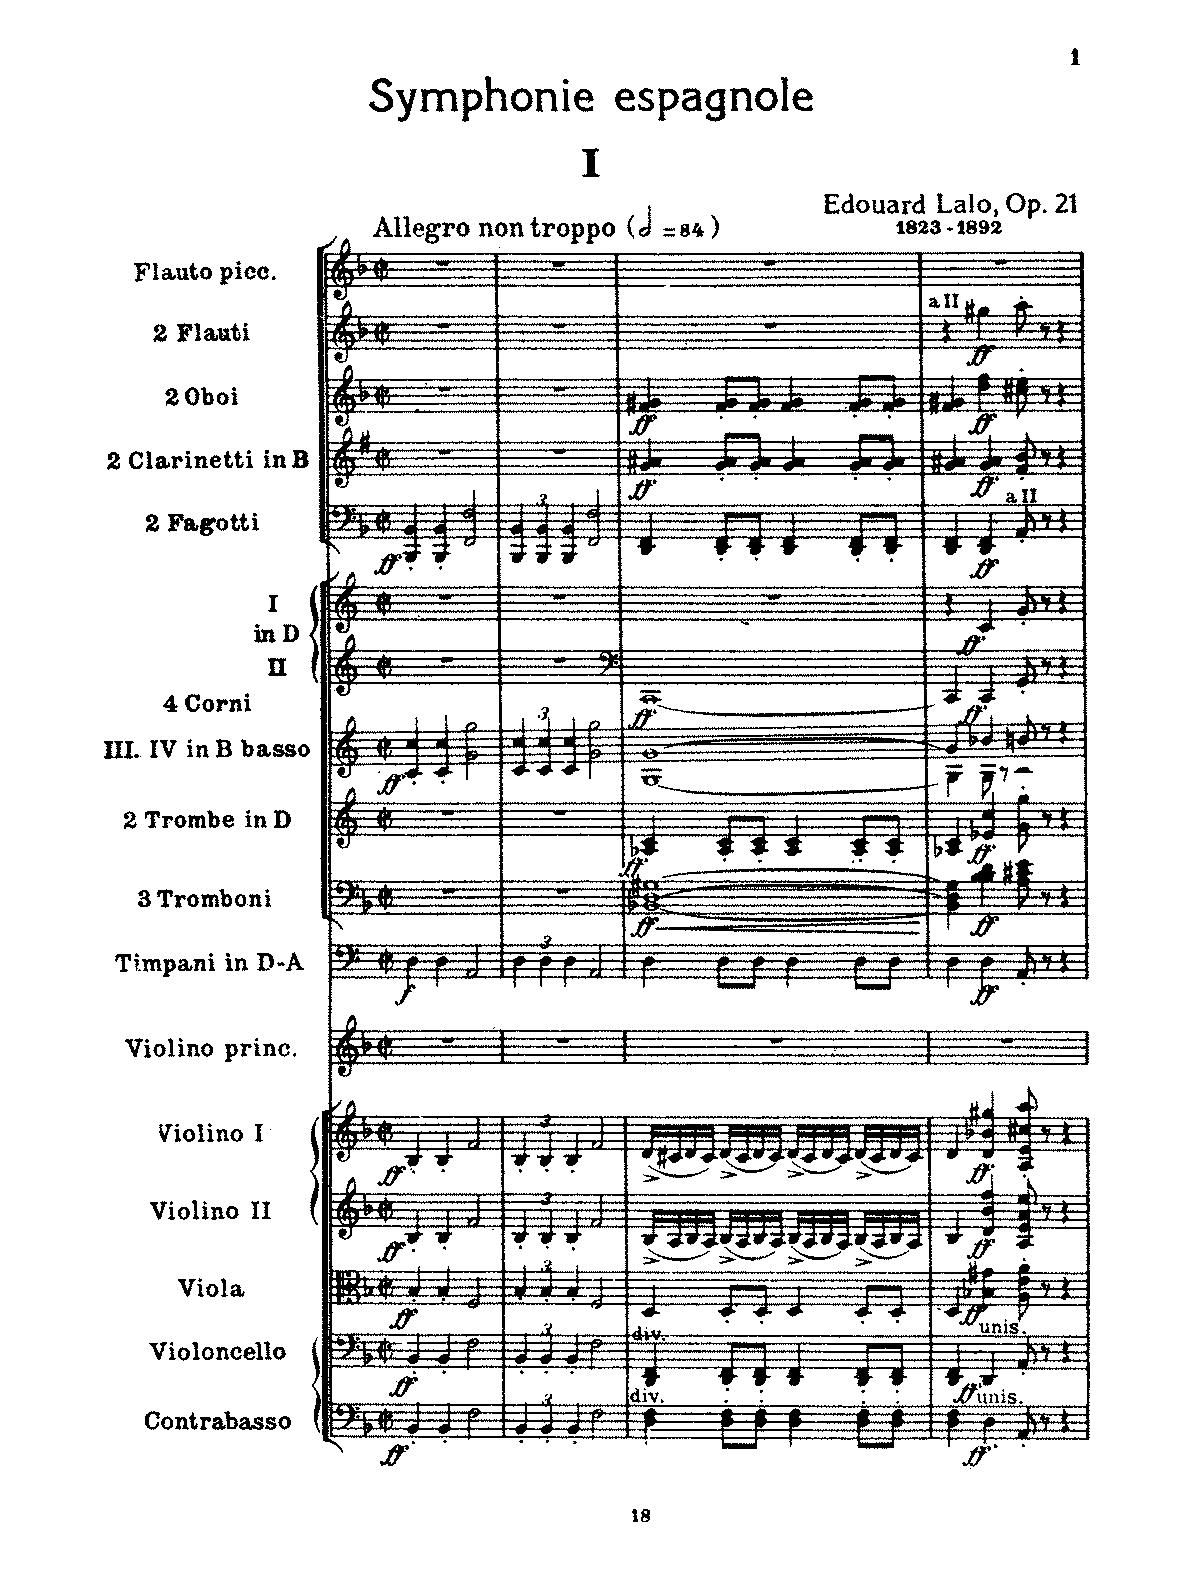 Lalo, op. 21